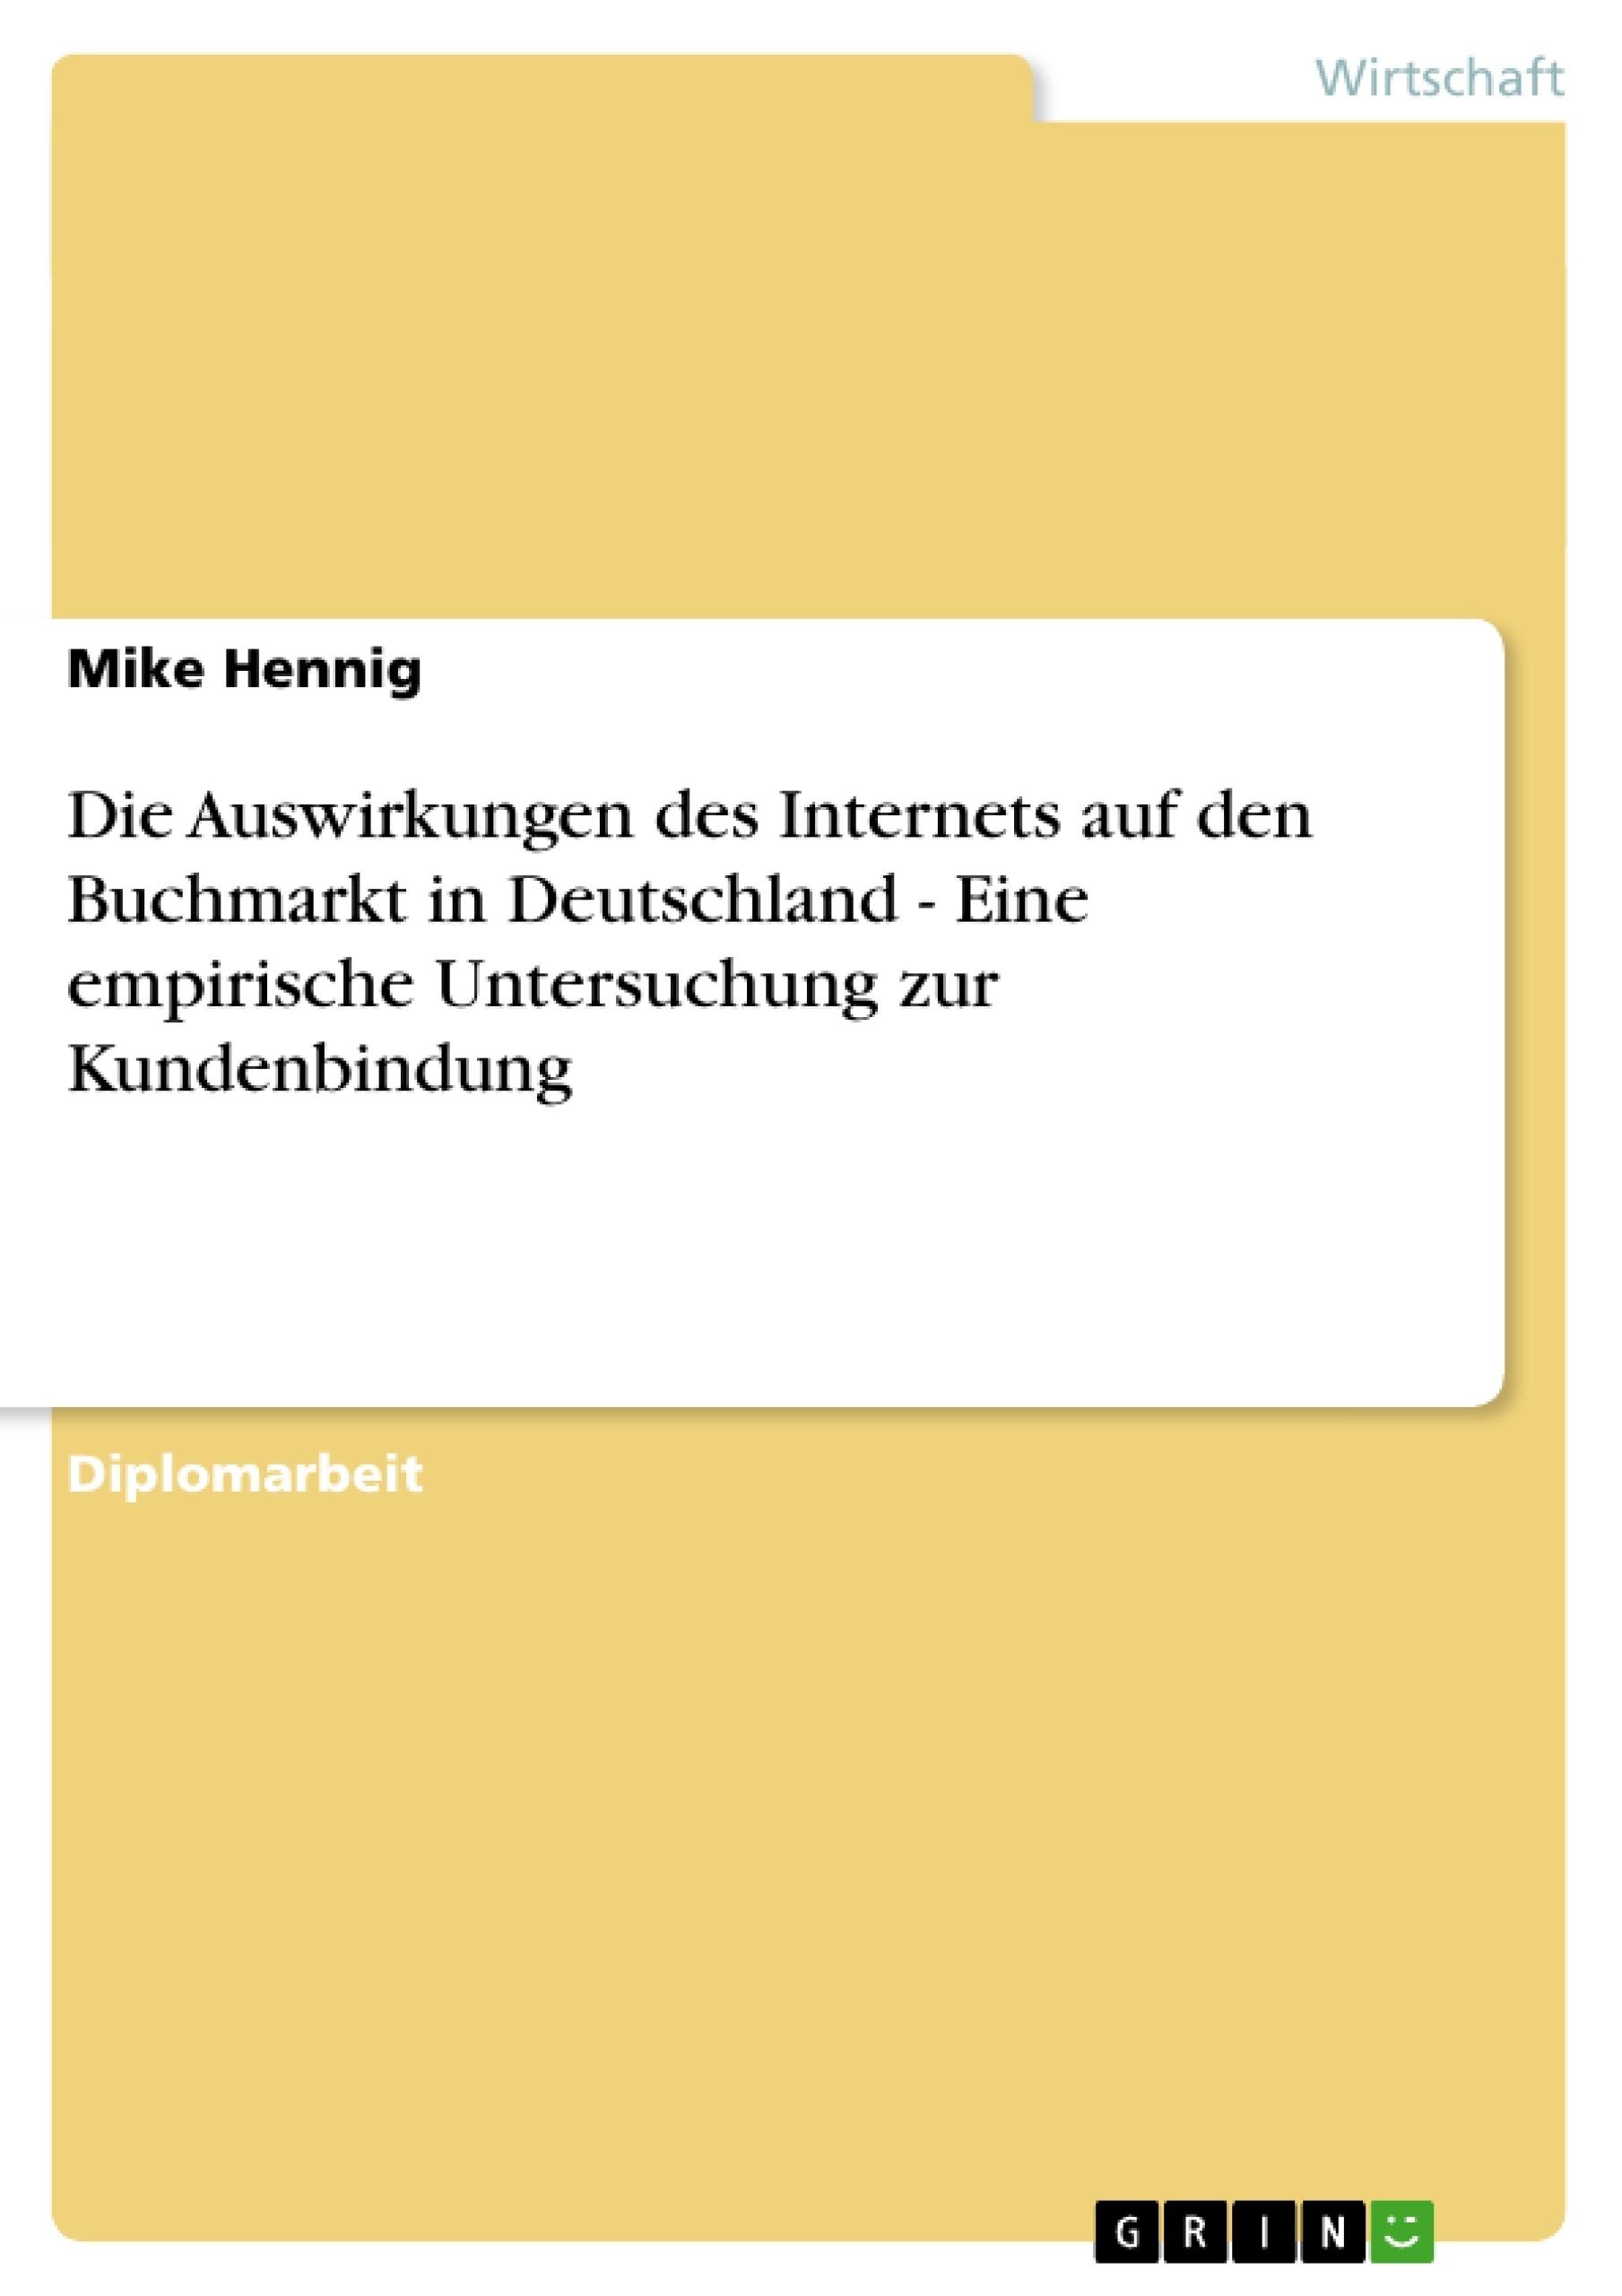 Titel: Die Auswirkungen des Internets auf den Buchmarkt in Deutschland - Eine empirische Untersuchung zur Kundenbindung